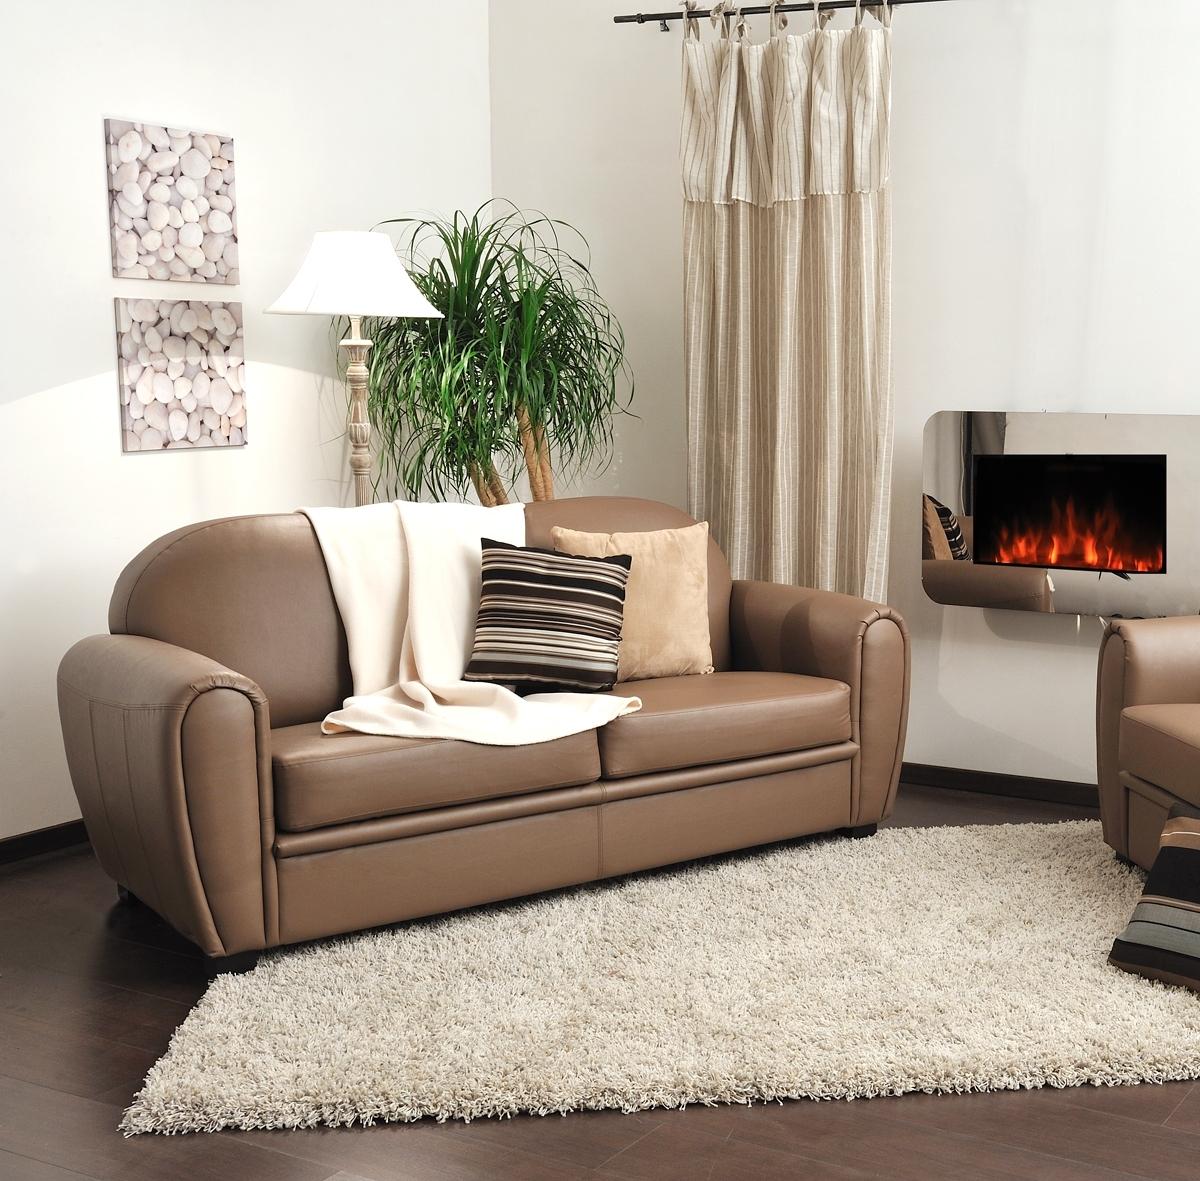 Sala colores tierra car interior design - Ideas para decorar mi casa ...